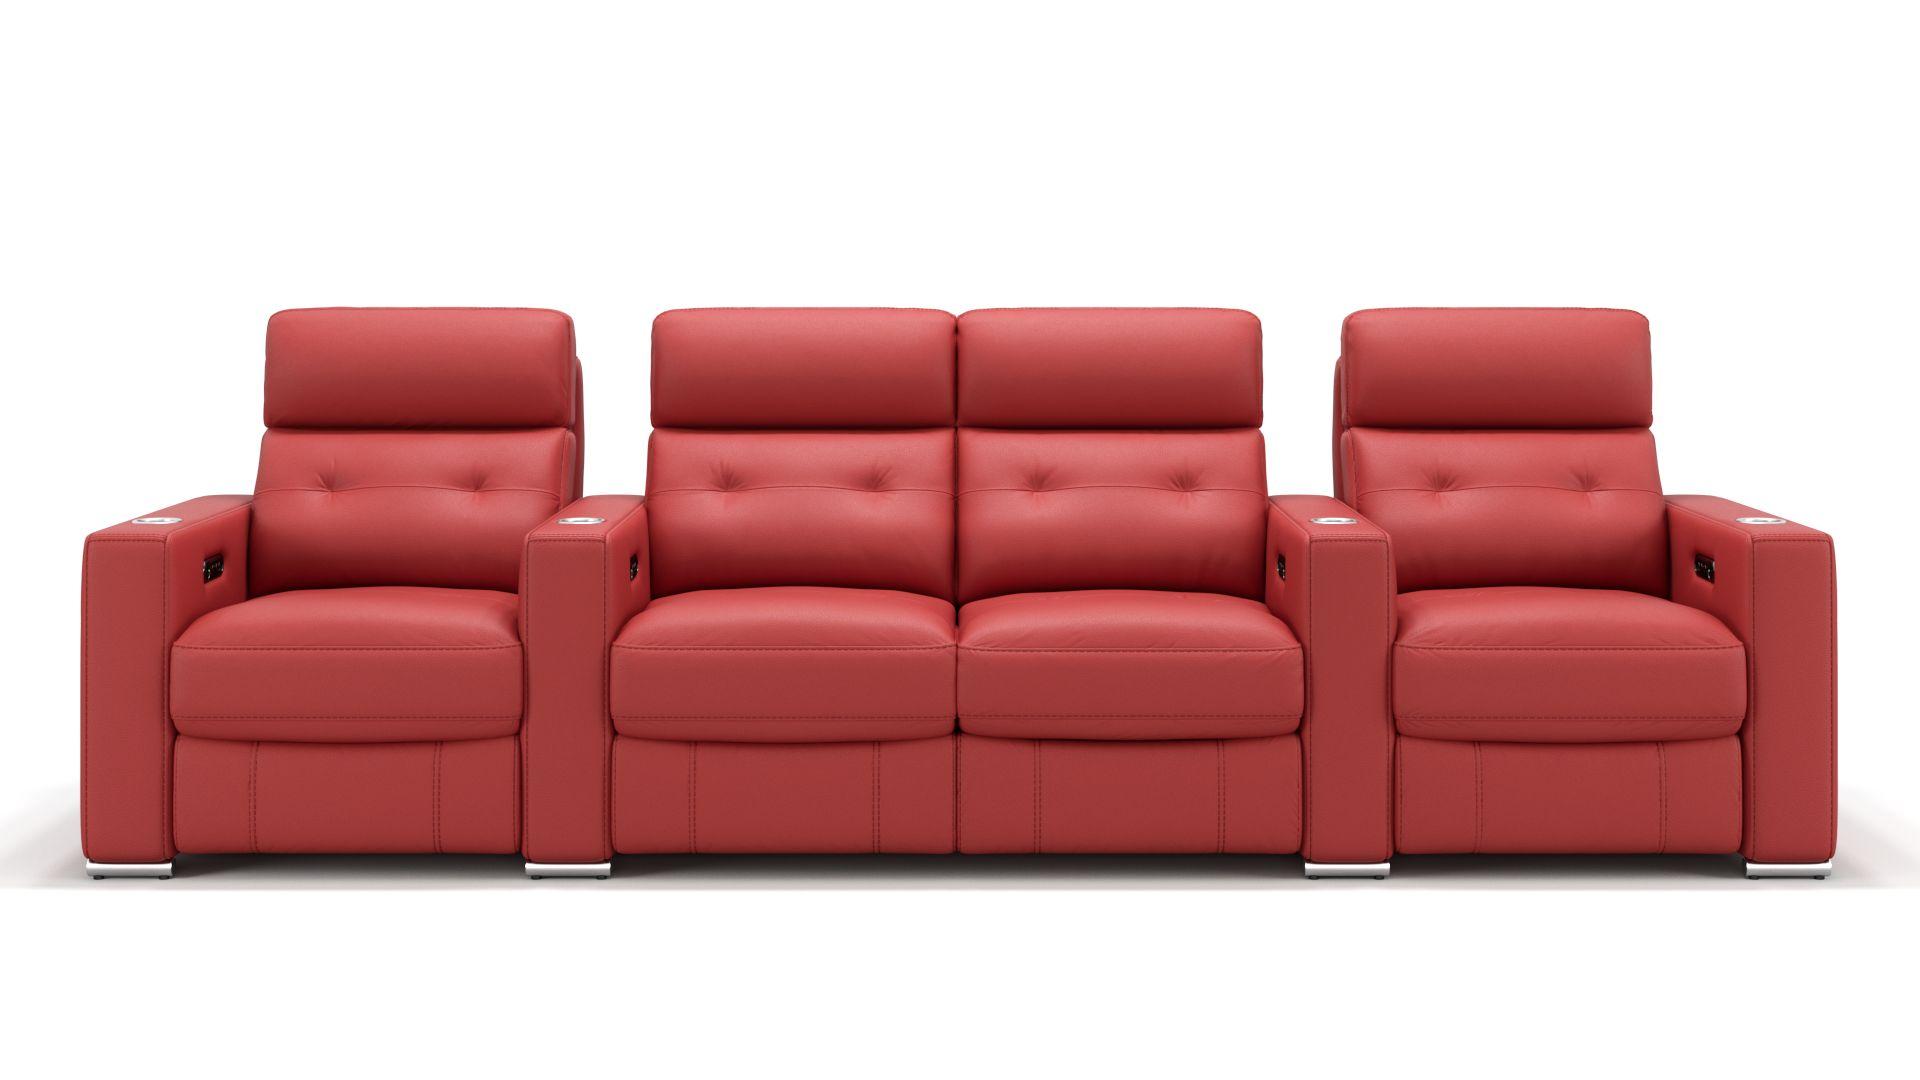 Leder 4-Sitzer Kinosofa mit zwei Mittelkonsolen MATERA